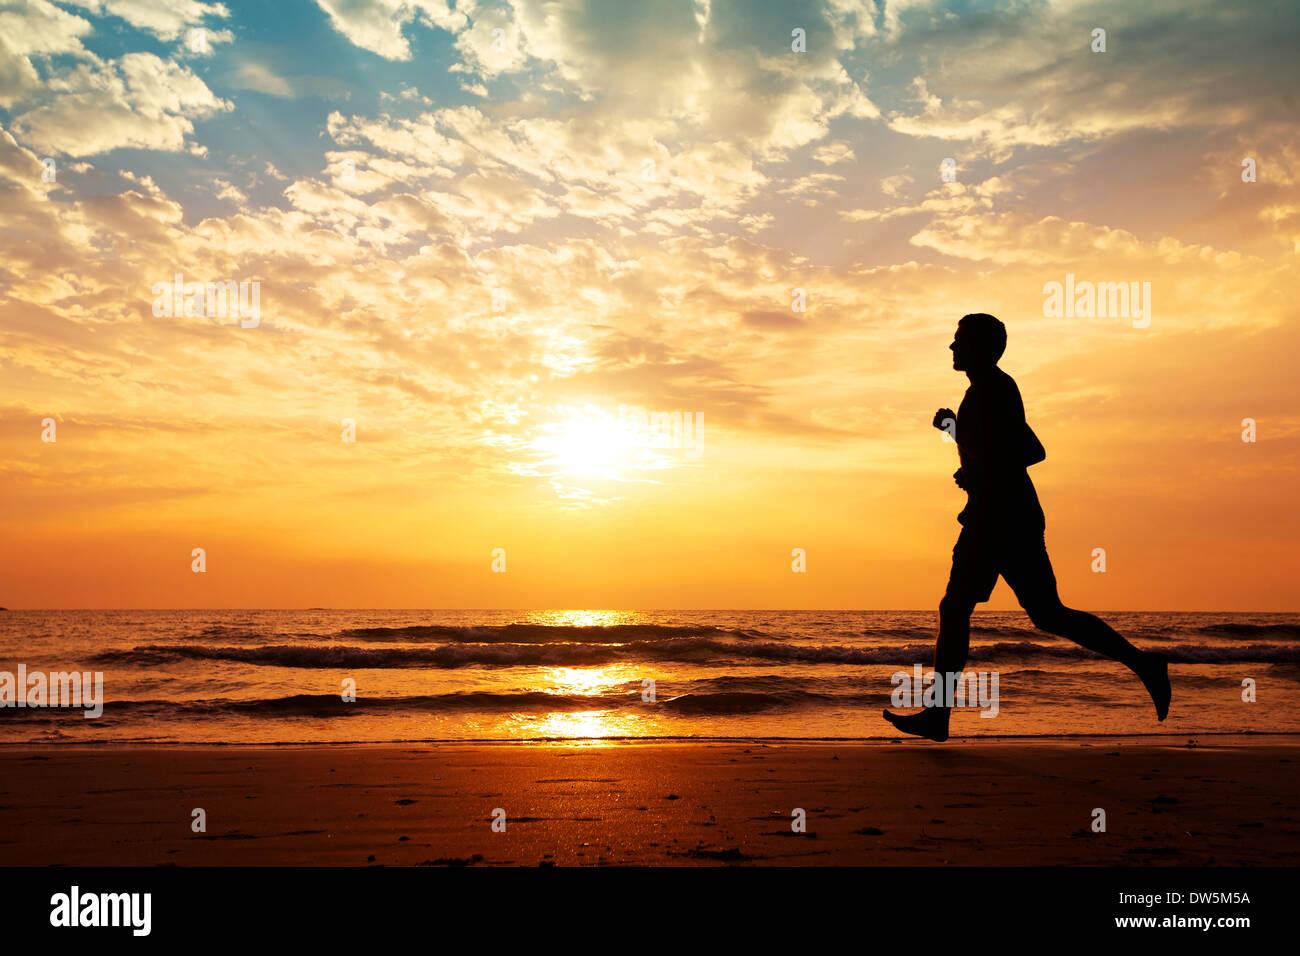 Silhouette di un uomo che corre sulla spiaggia al tramonto Immagini Stock